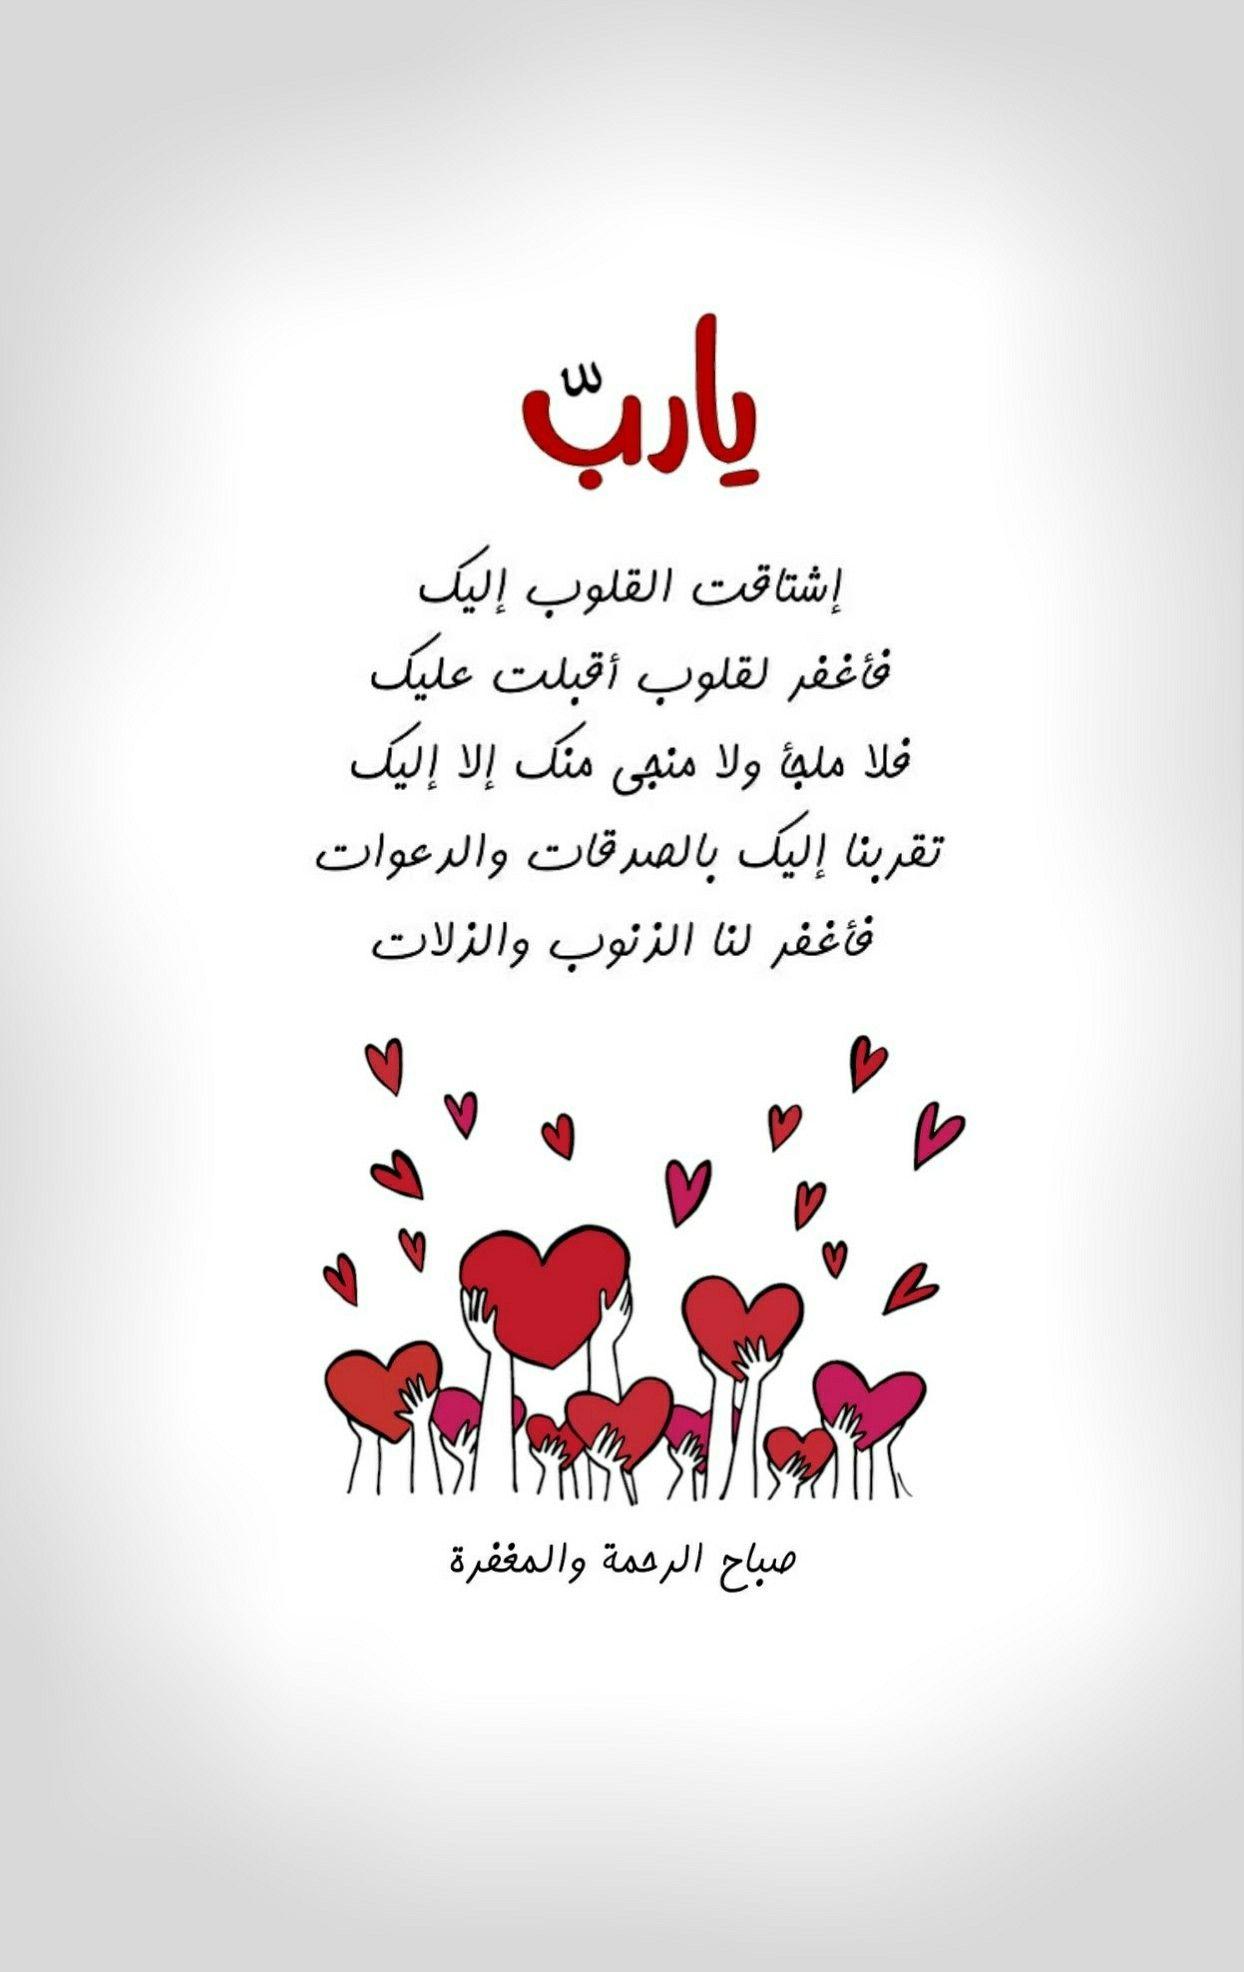 يـارب إشتاقت القلوب إليك فأغفر لقلوب أقبلت عليك فلا ملجأ ولا منجى منك إلا إليك تقربنا إليك Good Morning Arabic Good Morning Greetings Morning Greeting